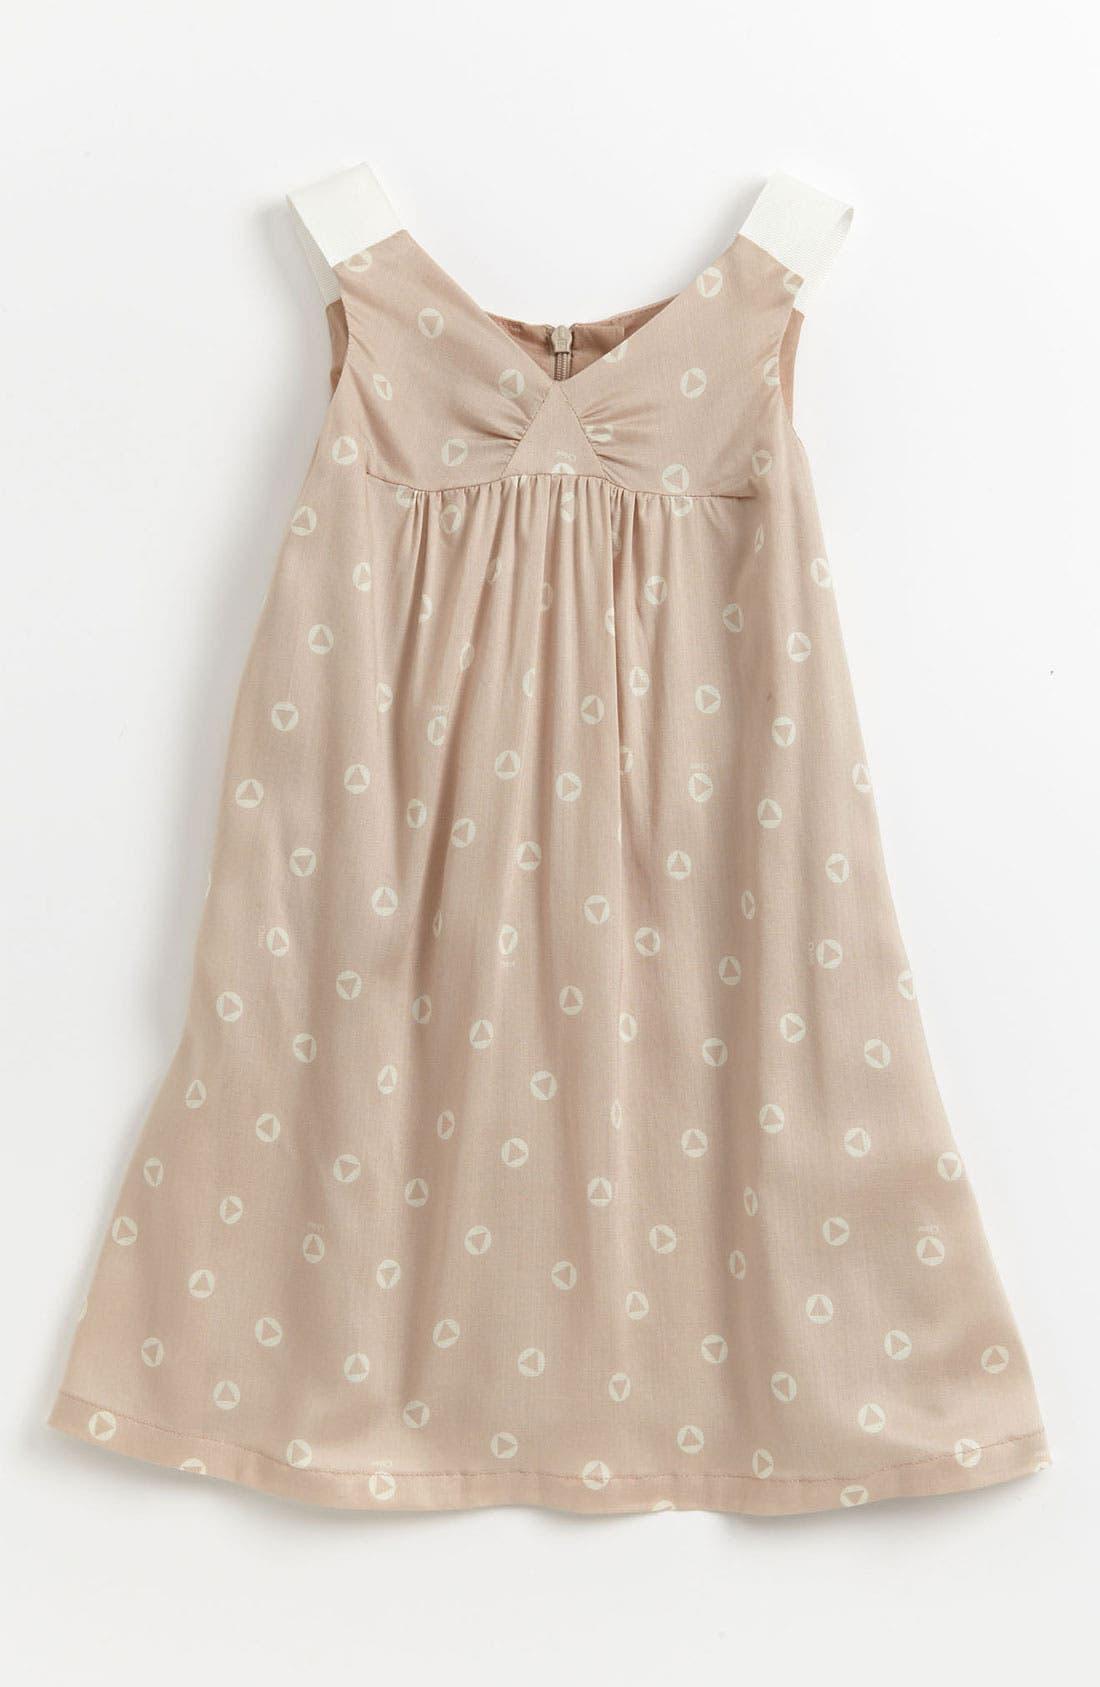 Alternate Image 1 Selected - Chloé Woven Dress (Toddler, Little Girls & Big Girls)